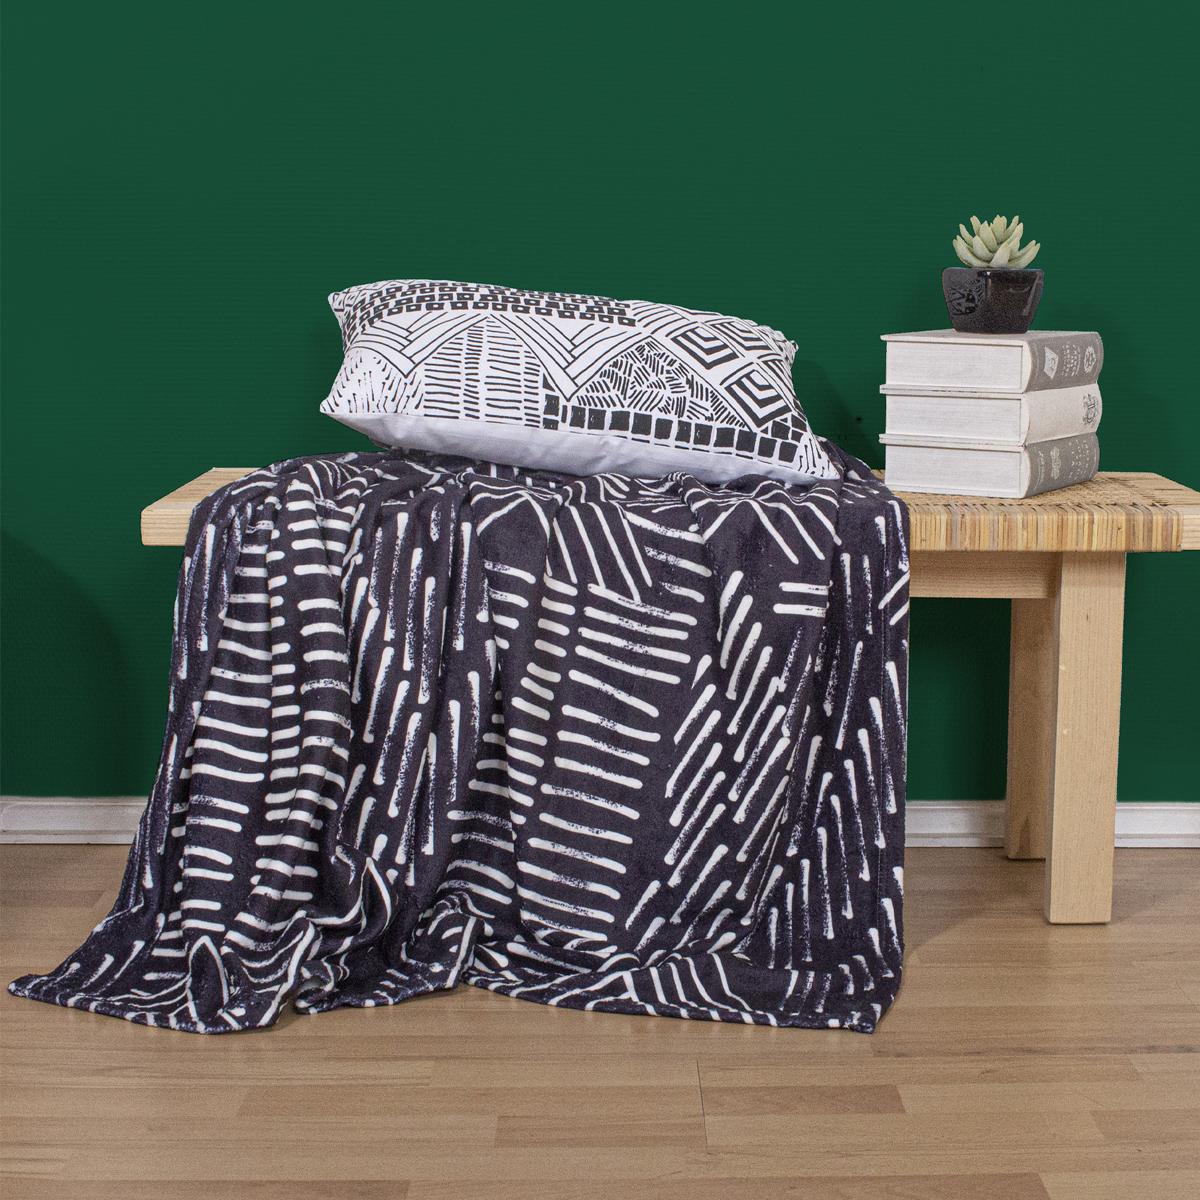 Plaid imprimé néo ethnic polyester noir 150x125